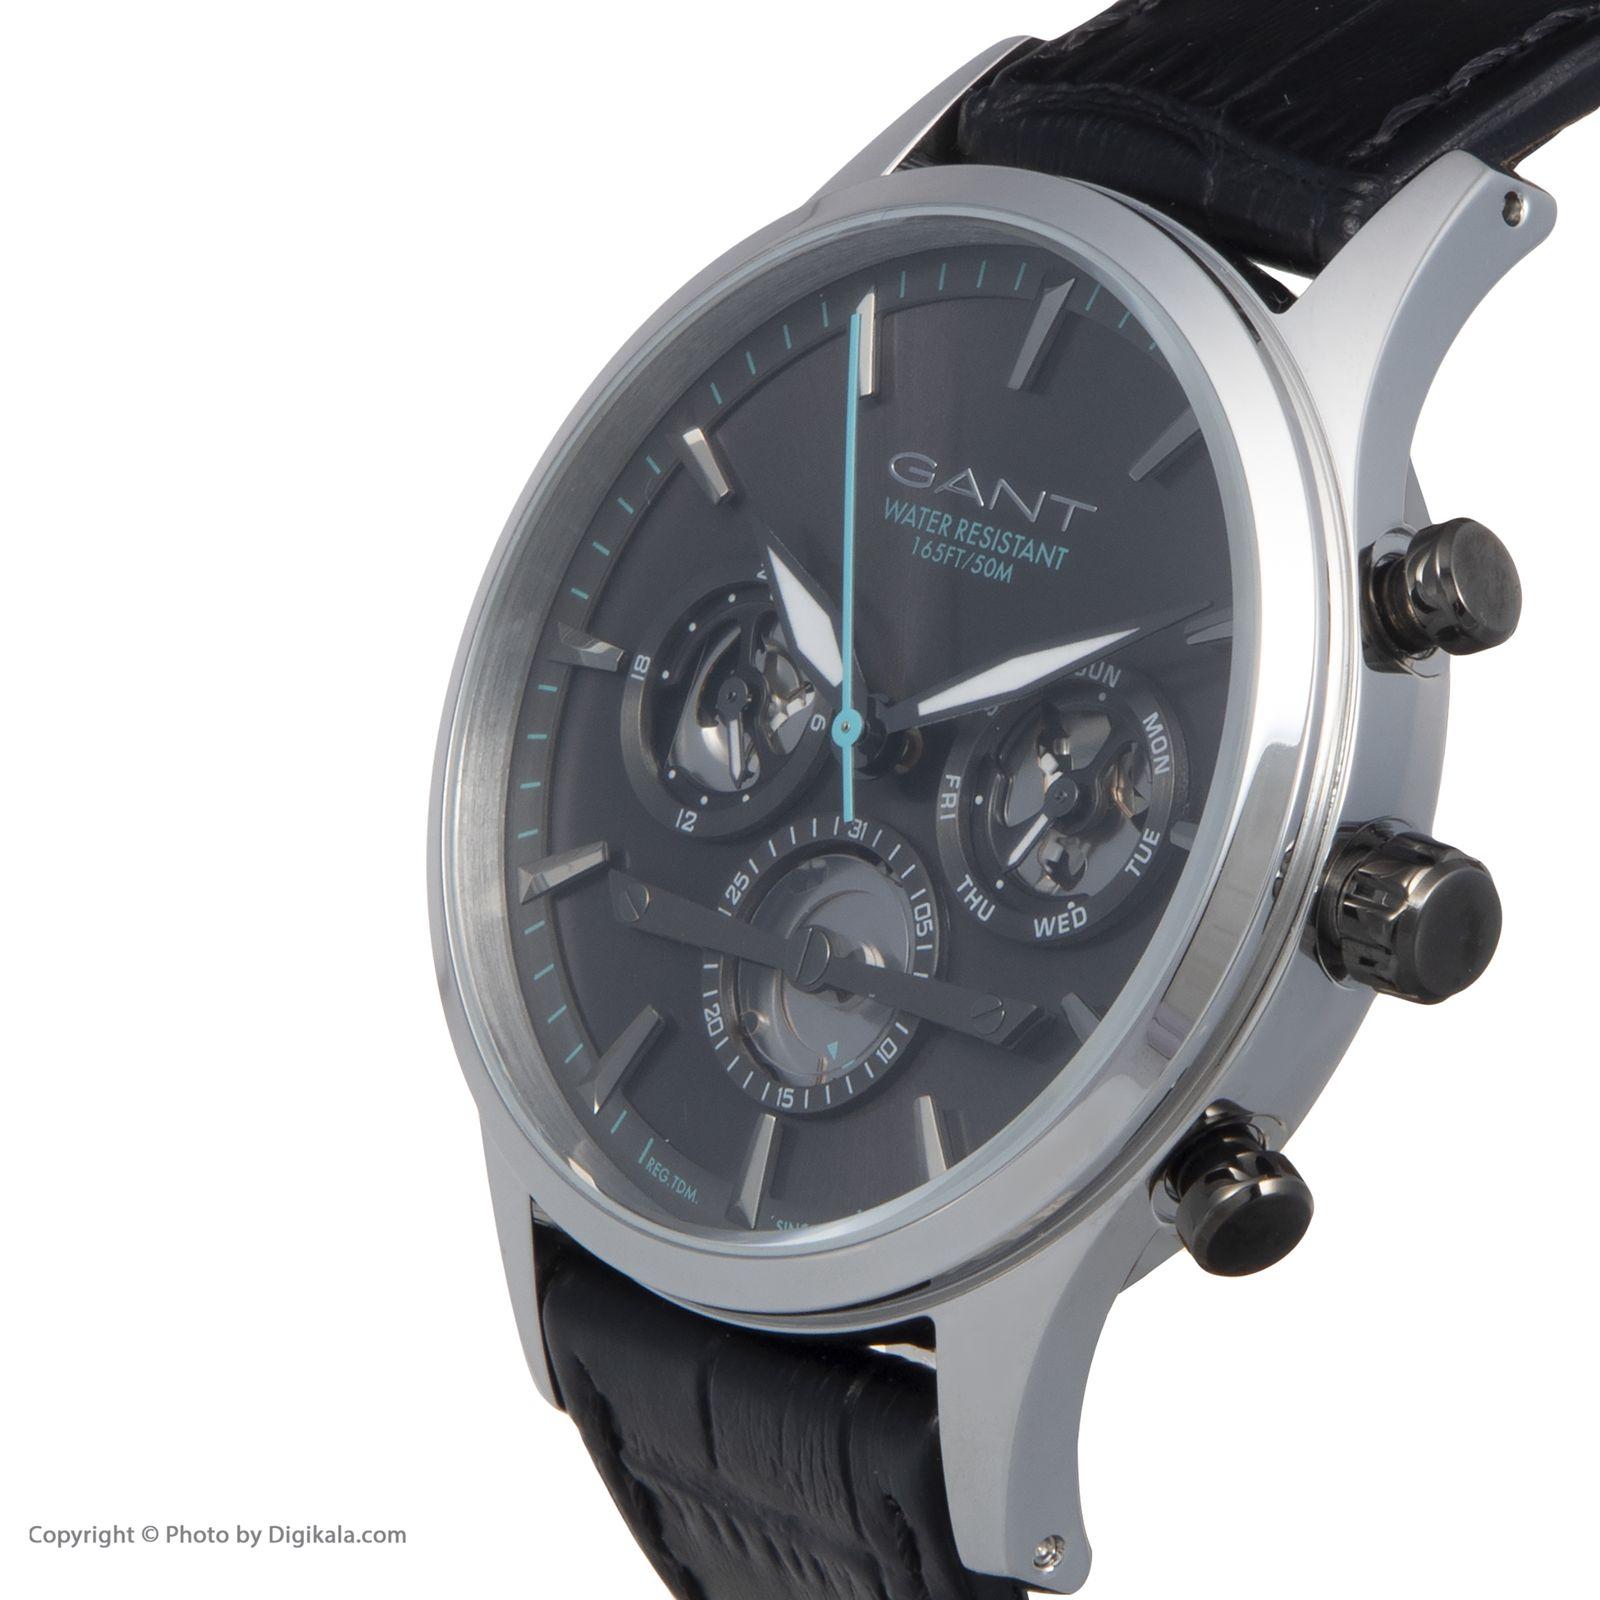 ساعت مچی عقربه ای مردانه گنت مدل GW005020 -  - 4